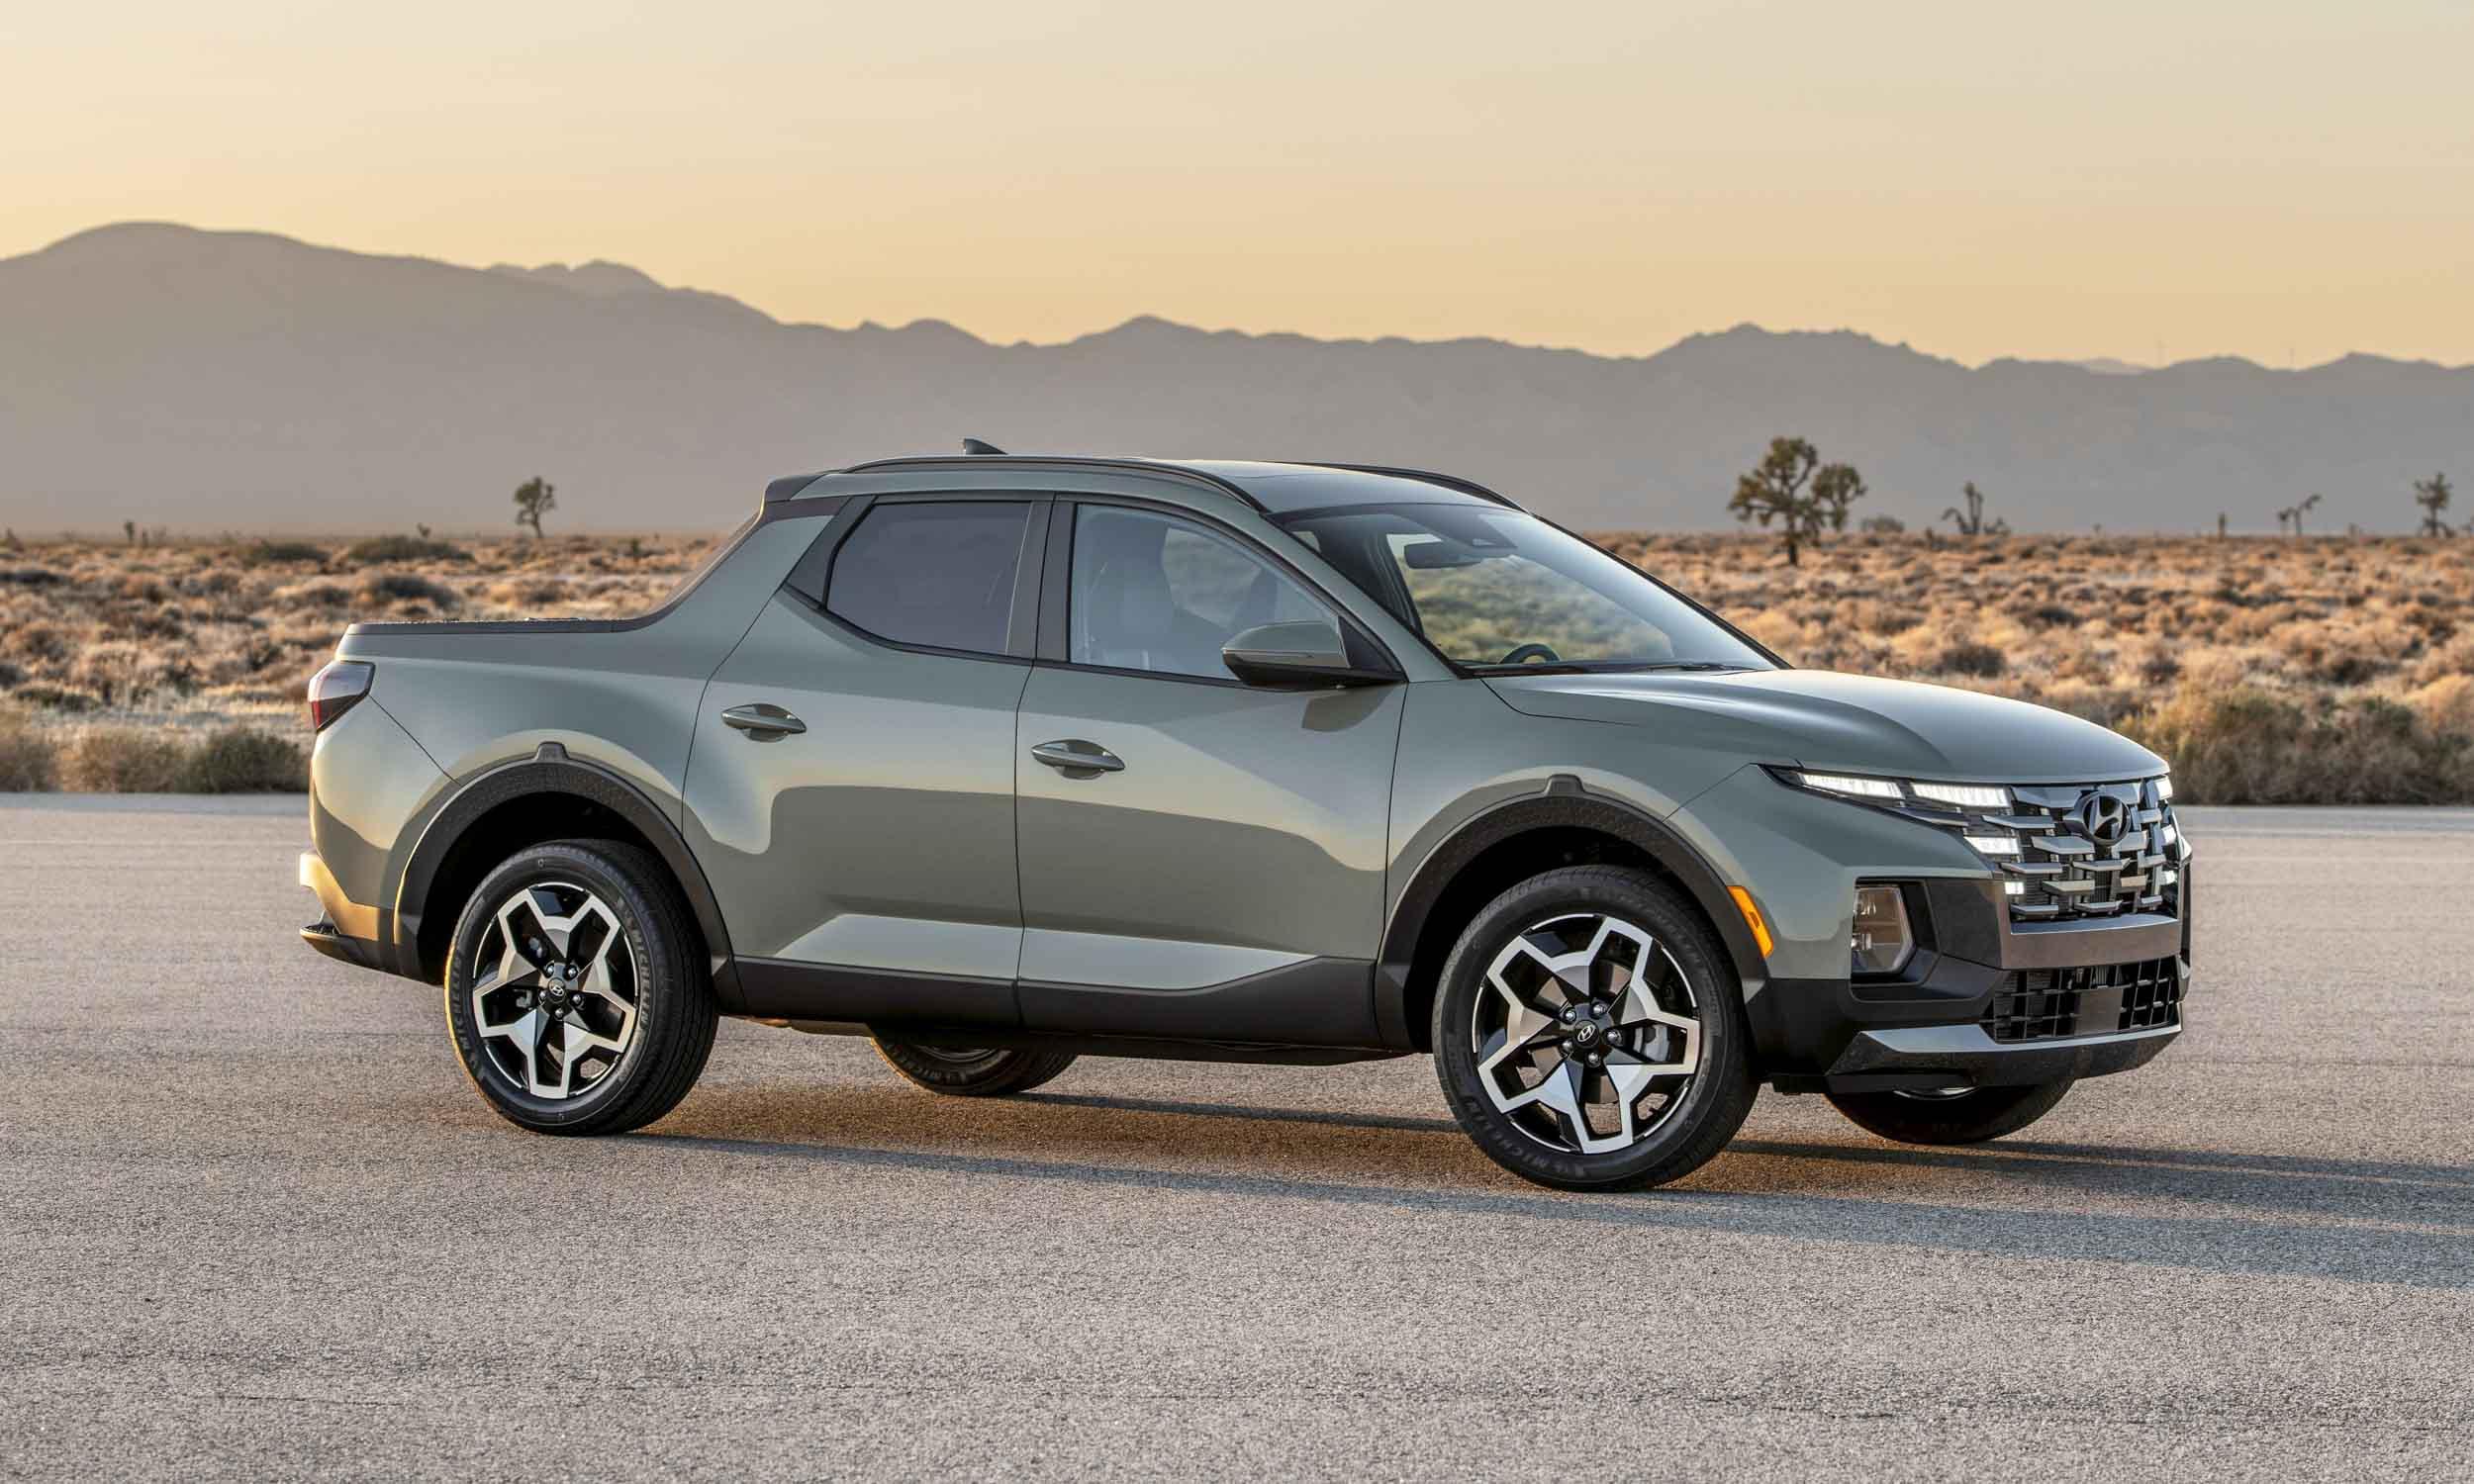 2022 Hyundai Santa Cruz: First Look | Our Auto Expert